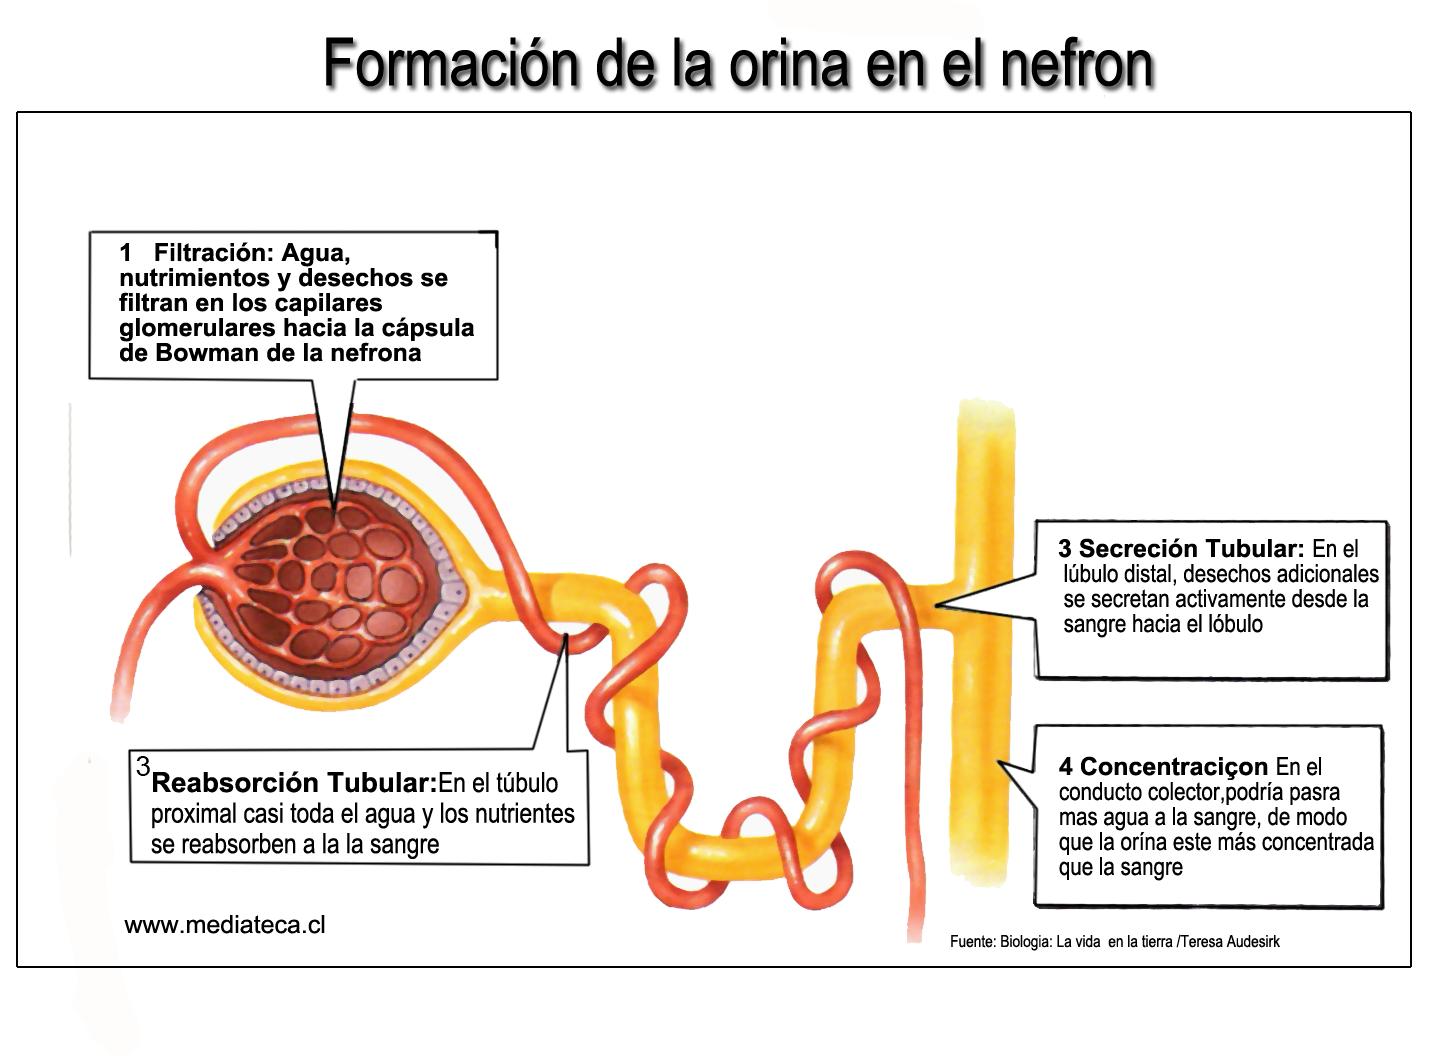 como se hace la tecnica de gota gruesa cristales acido urico ph cuales son los niveles normales de acido urico en el organismo humano